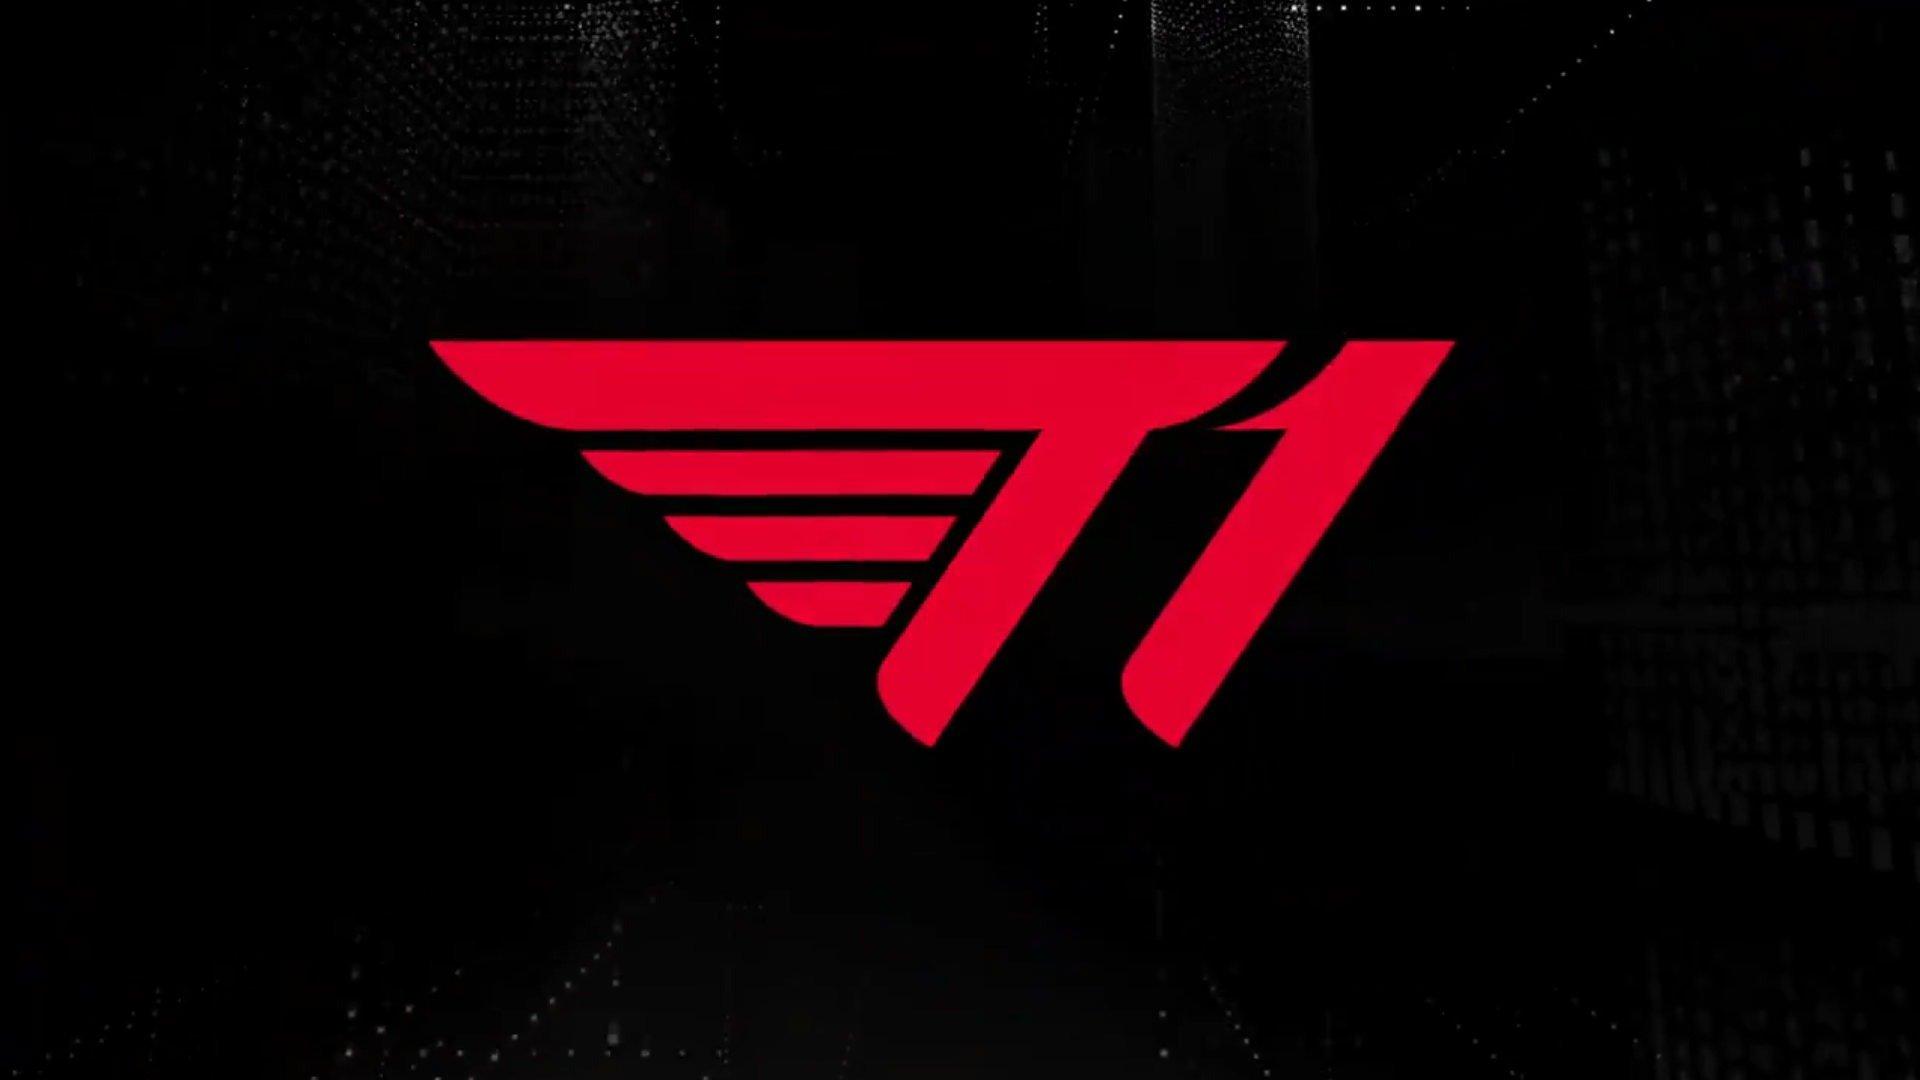 T1 по League of Legends (LoL): история команды, игроки, особенности ставок